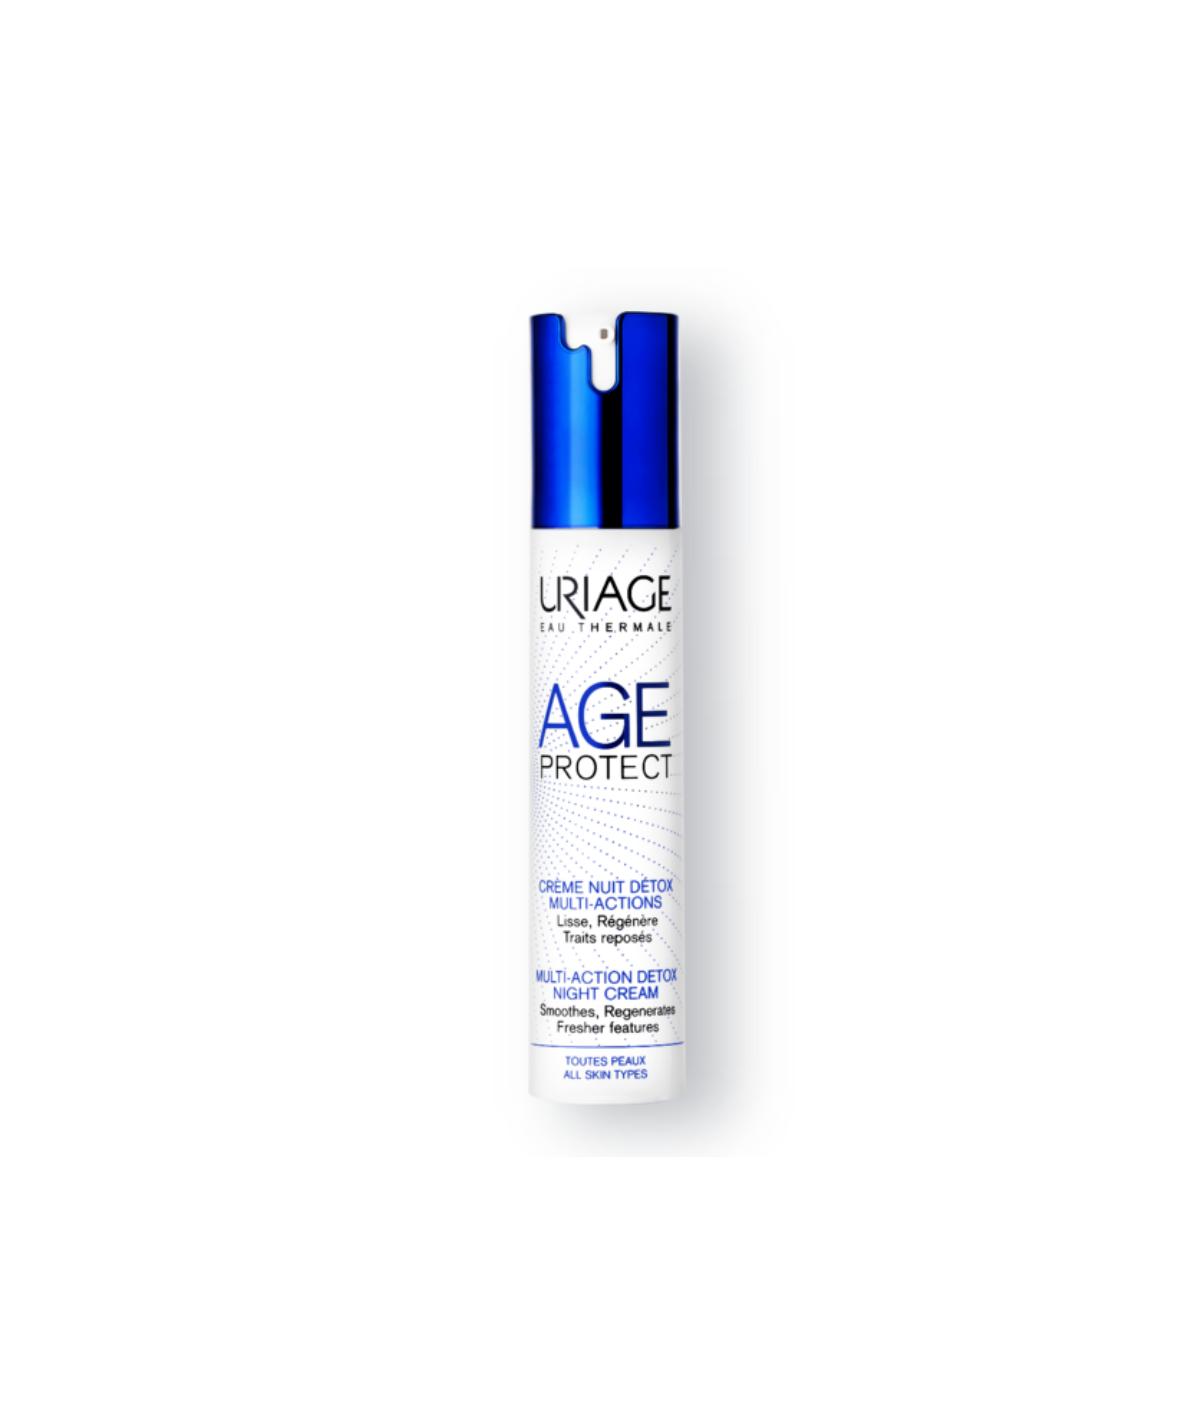 Uriage Age Protect Crema de noche Detox Multiacción